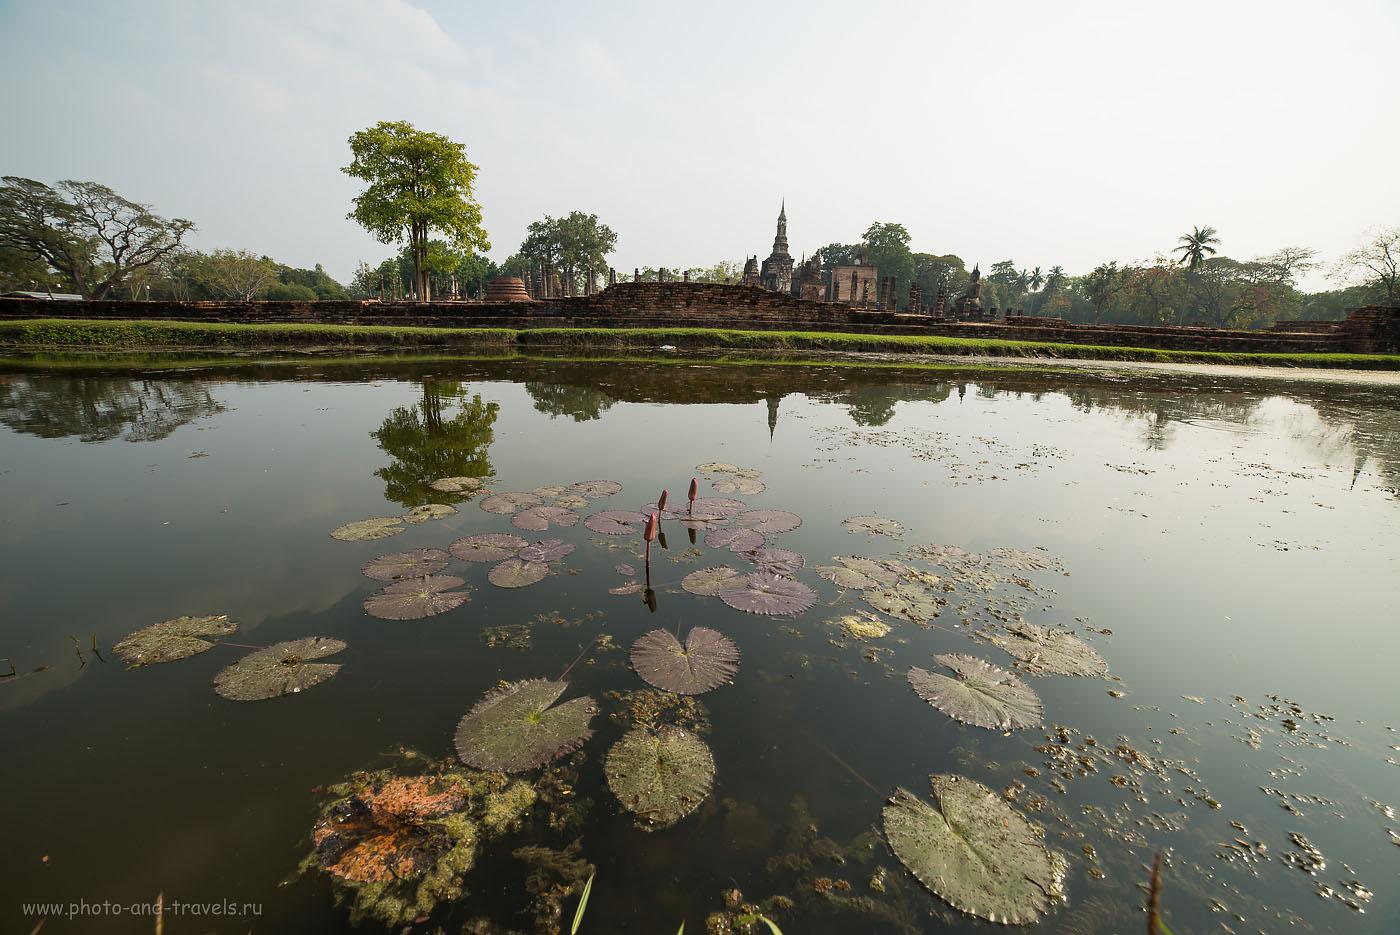 Фото 19. Вид на храмовый комплекс Wat Mahathat (Ват Махатхат) в вечернее время. Парк Sukhothai Historical Park. Снято на ширик Samyang 14/2.8